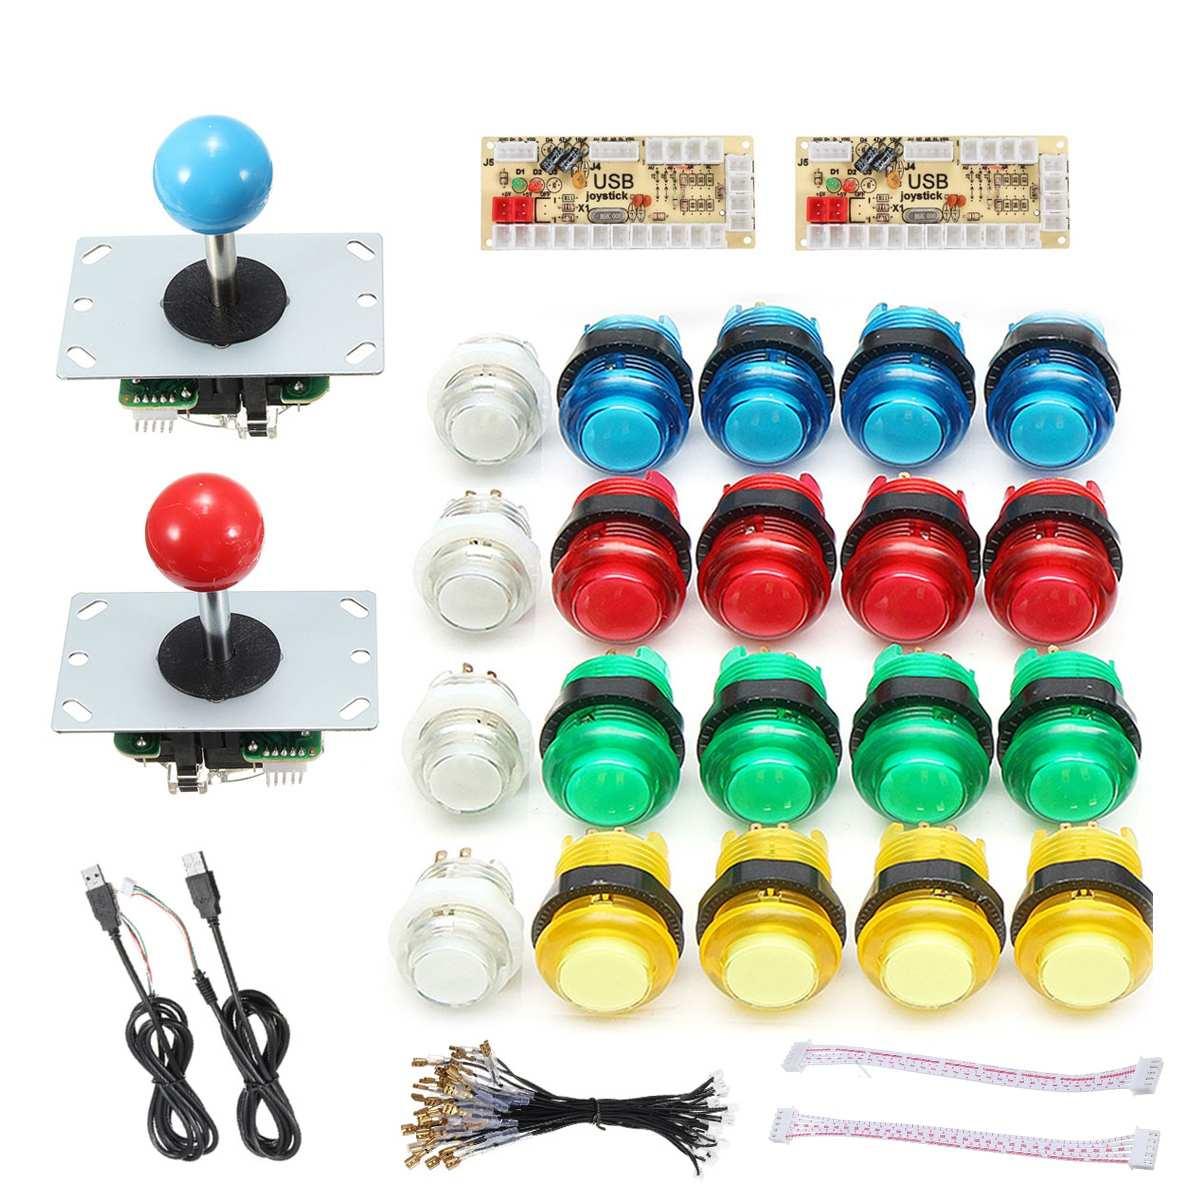 Bricolage Joystick Kits d'arcade 2 joueurs avec 20 boutons d'arcade de LED + 2 Joysticks + 2 Kit d'encodeur USB + câbles jeu de pièces d'arcade